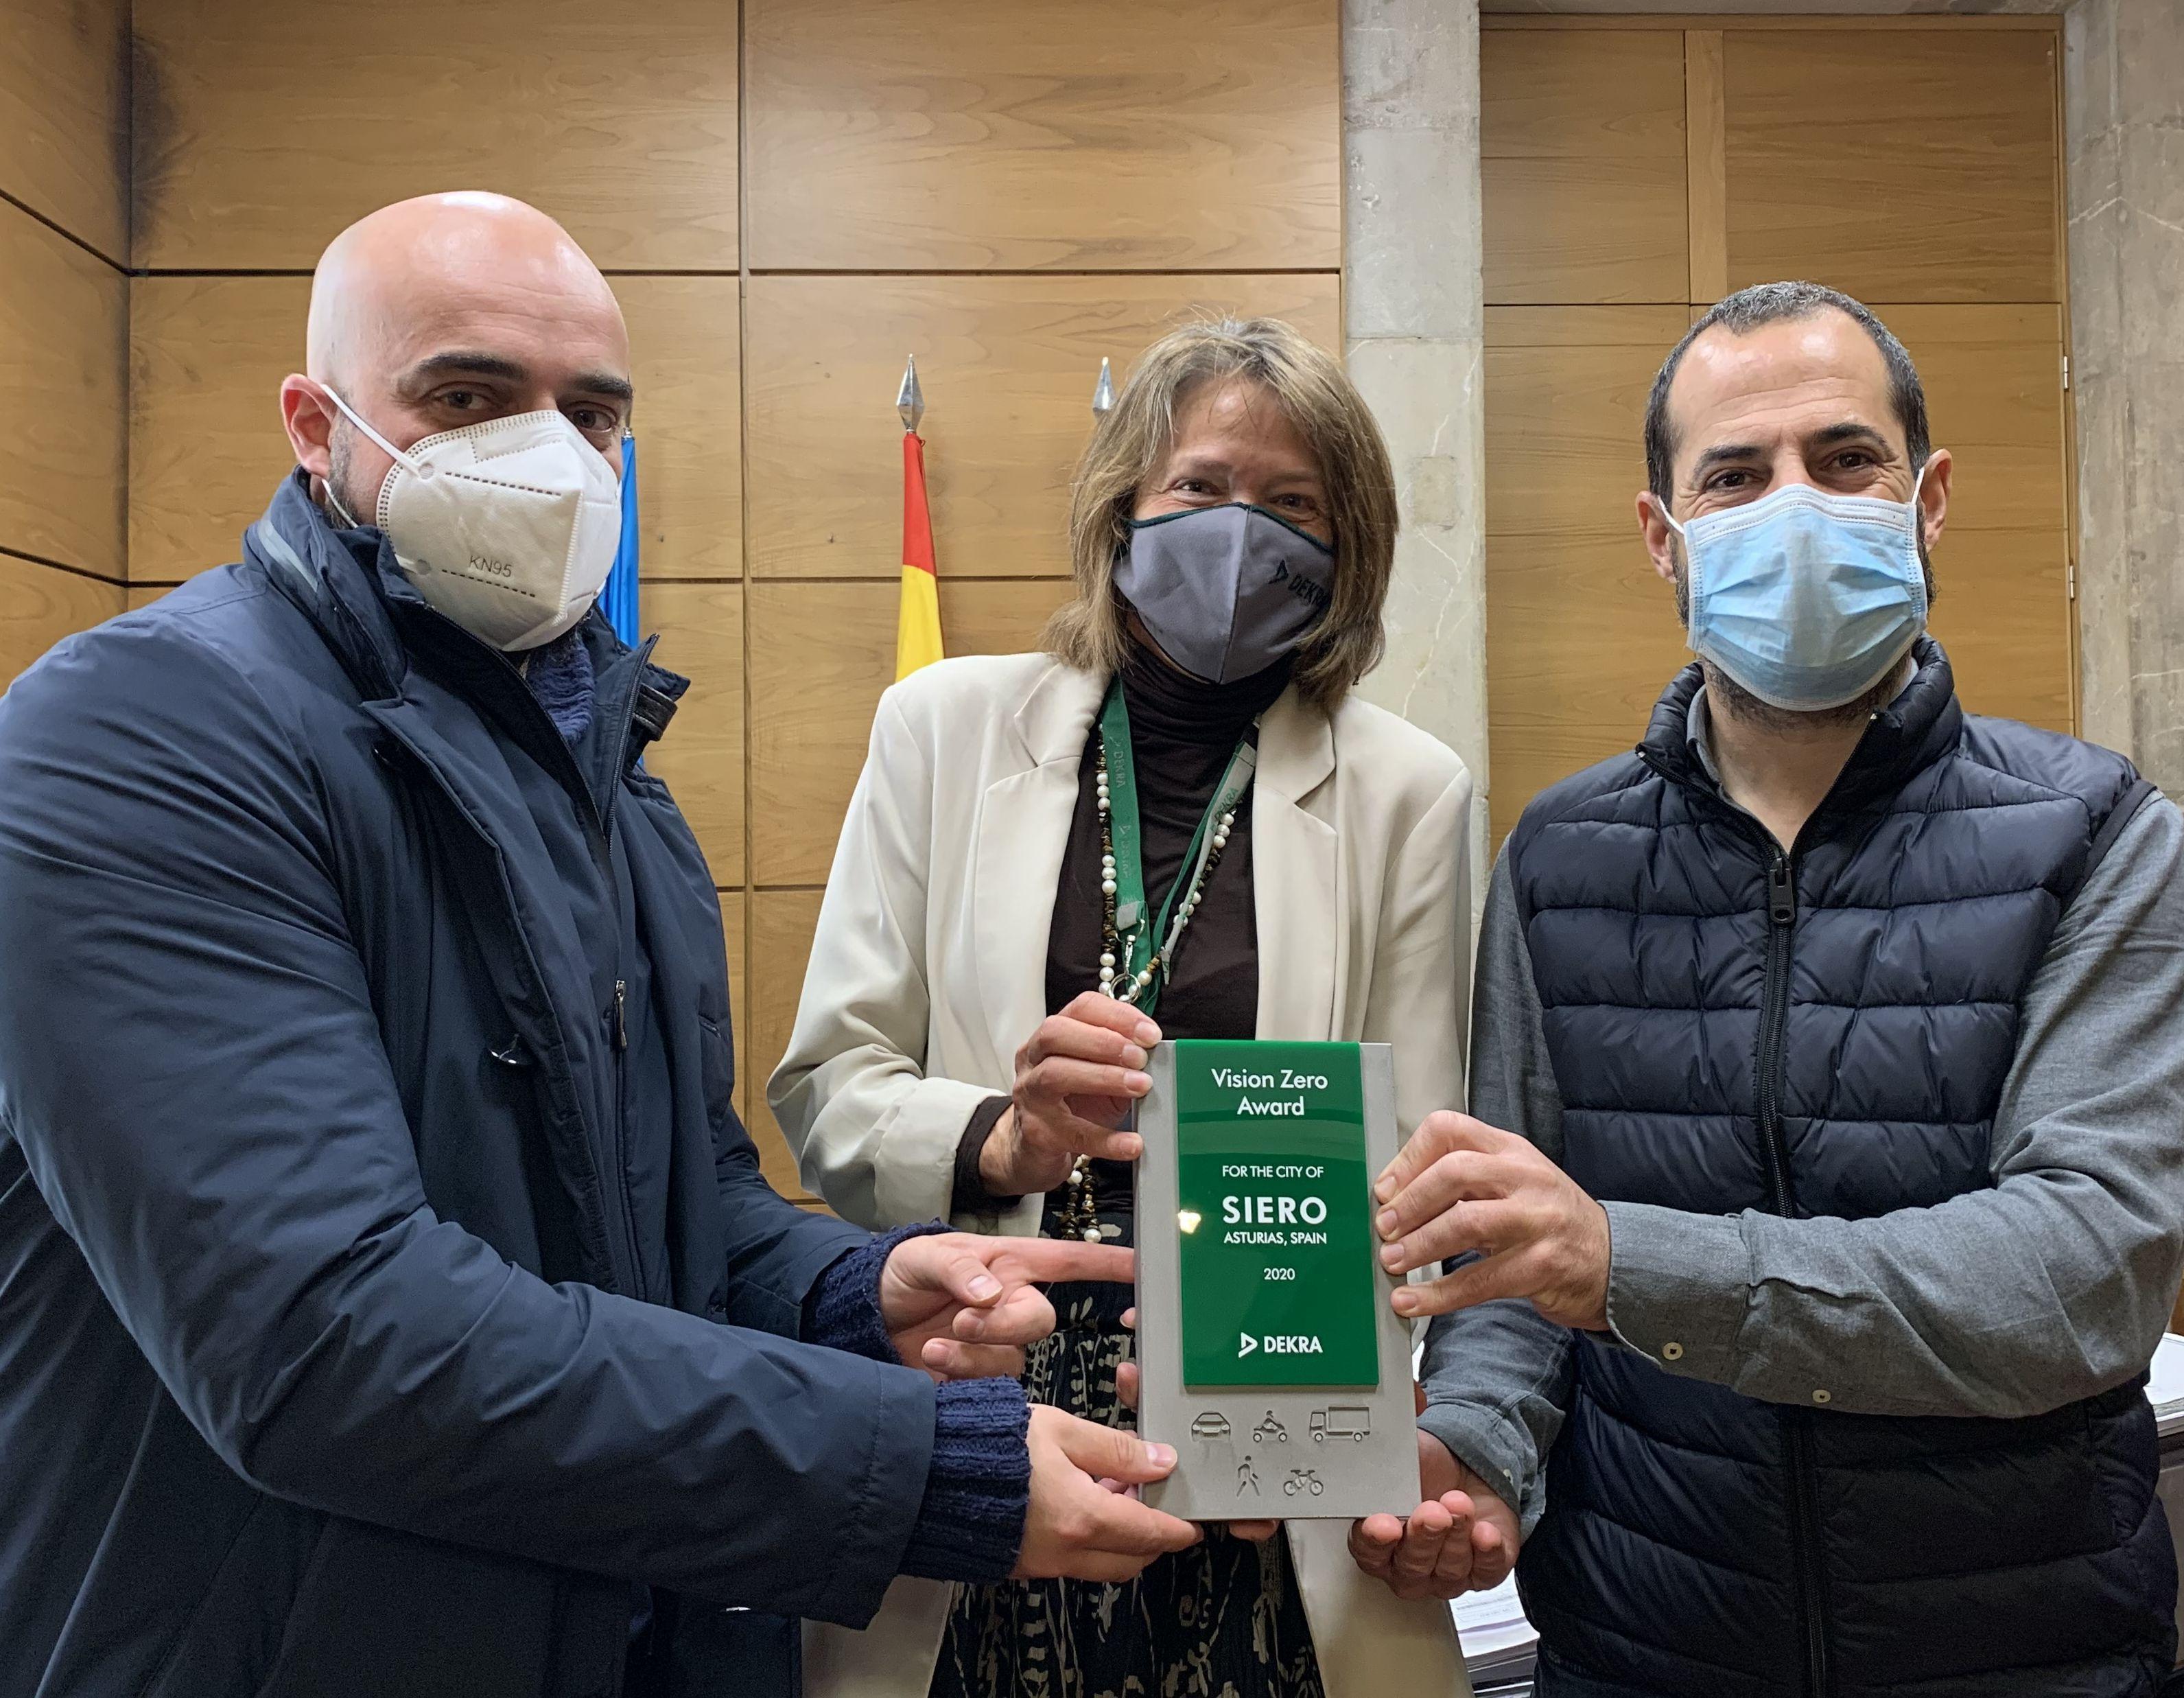 Foto de Premio DEKRA Vision Zero al municipio de Siero en Asturias